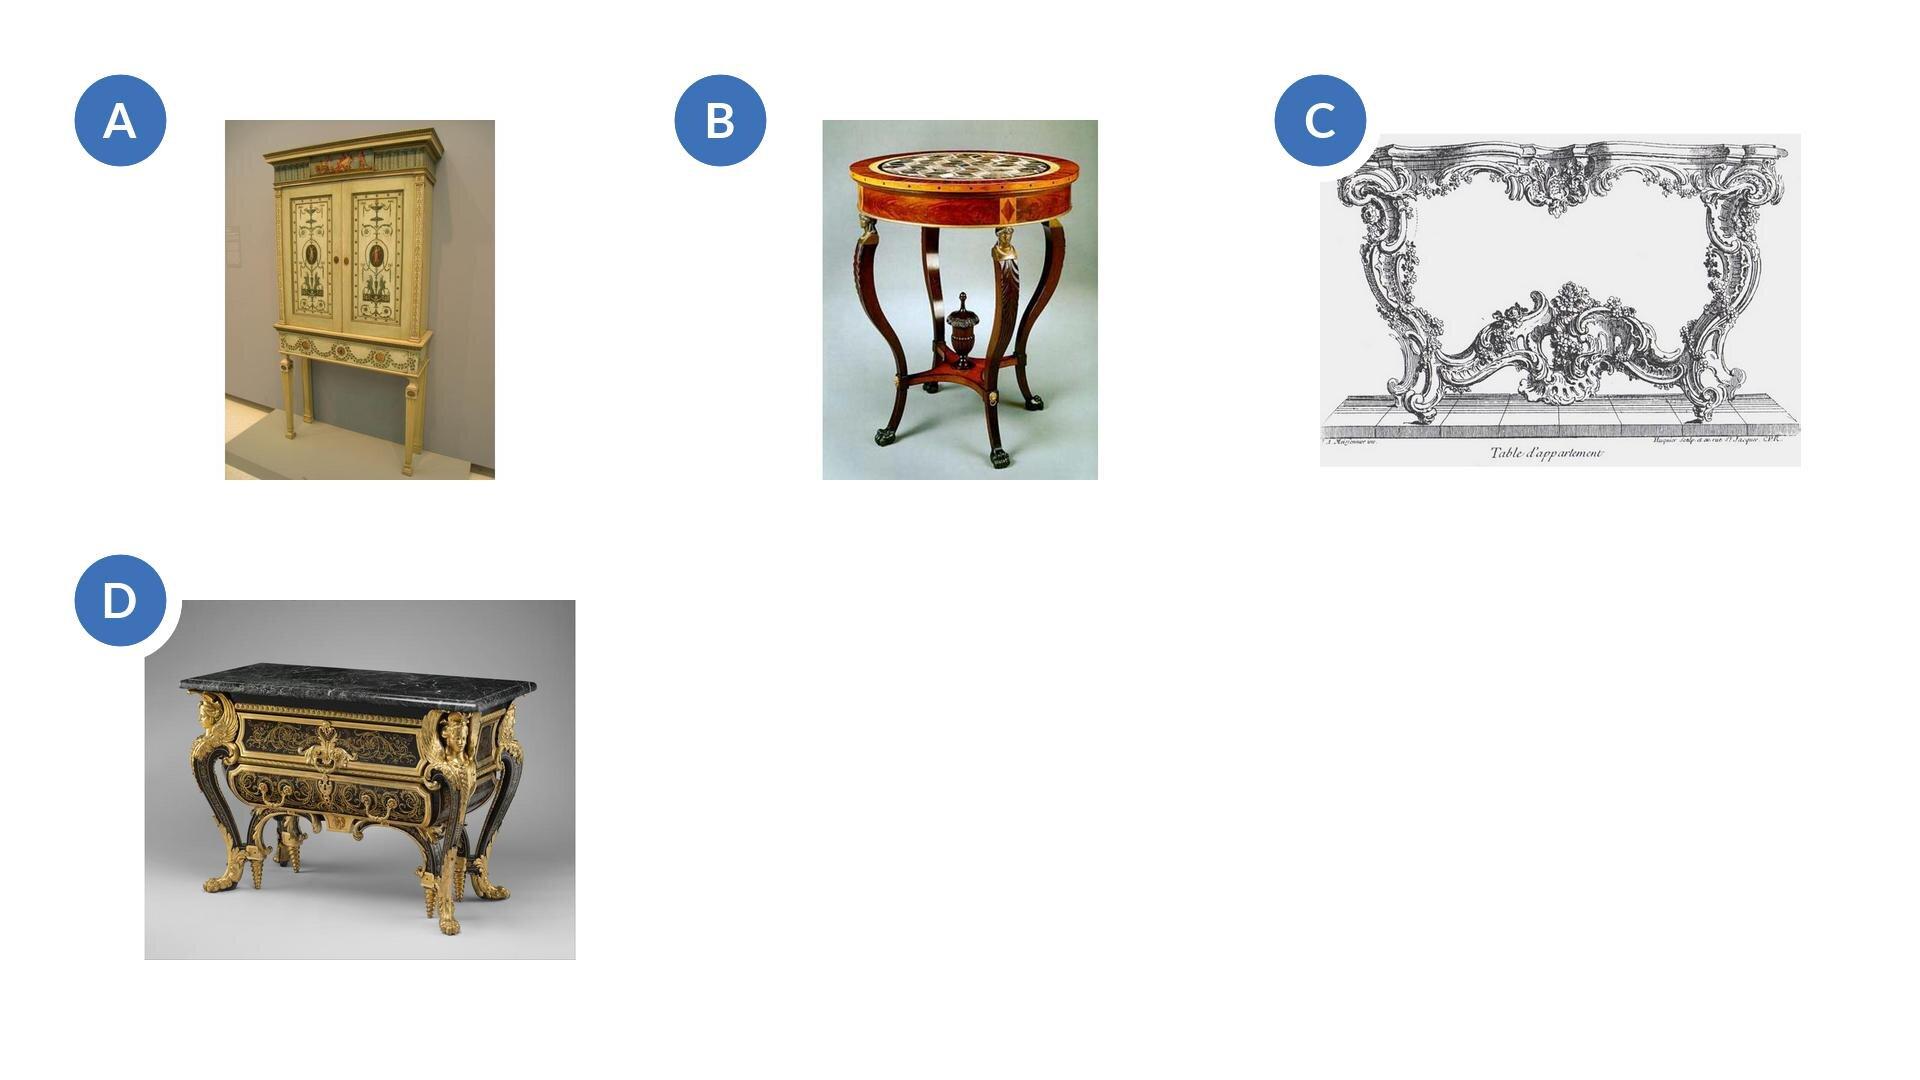 Wzadaniu znajdują się cztery ilustracje przedstawiające: bogato zdobioną komodę zzłotymi ornamentami na wygiętych nóżkach, półkę na książki zozdobnymi harmonijnymi rysunkami na prostych wysokich nóżkach, brązowy stolik na wygiętych nóżkach zokrągłym blatem izłotymi łączeniami pomiędzy blatem anóżkami oraz szkic projektowy ozdobnego stolika oharmonijnym zawijanym kształcie.